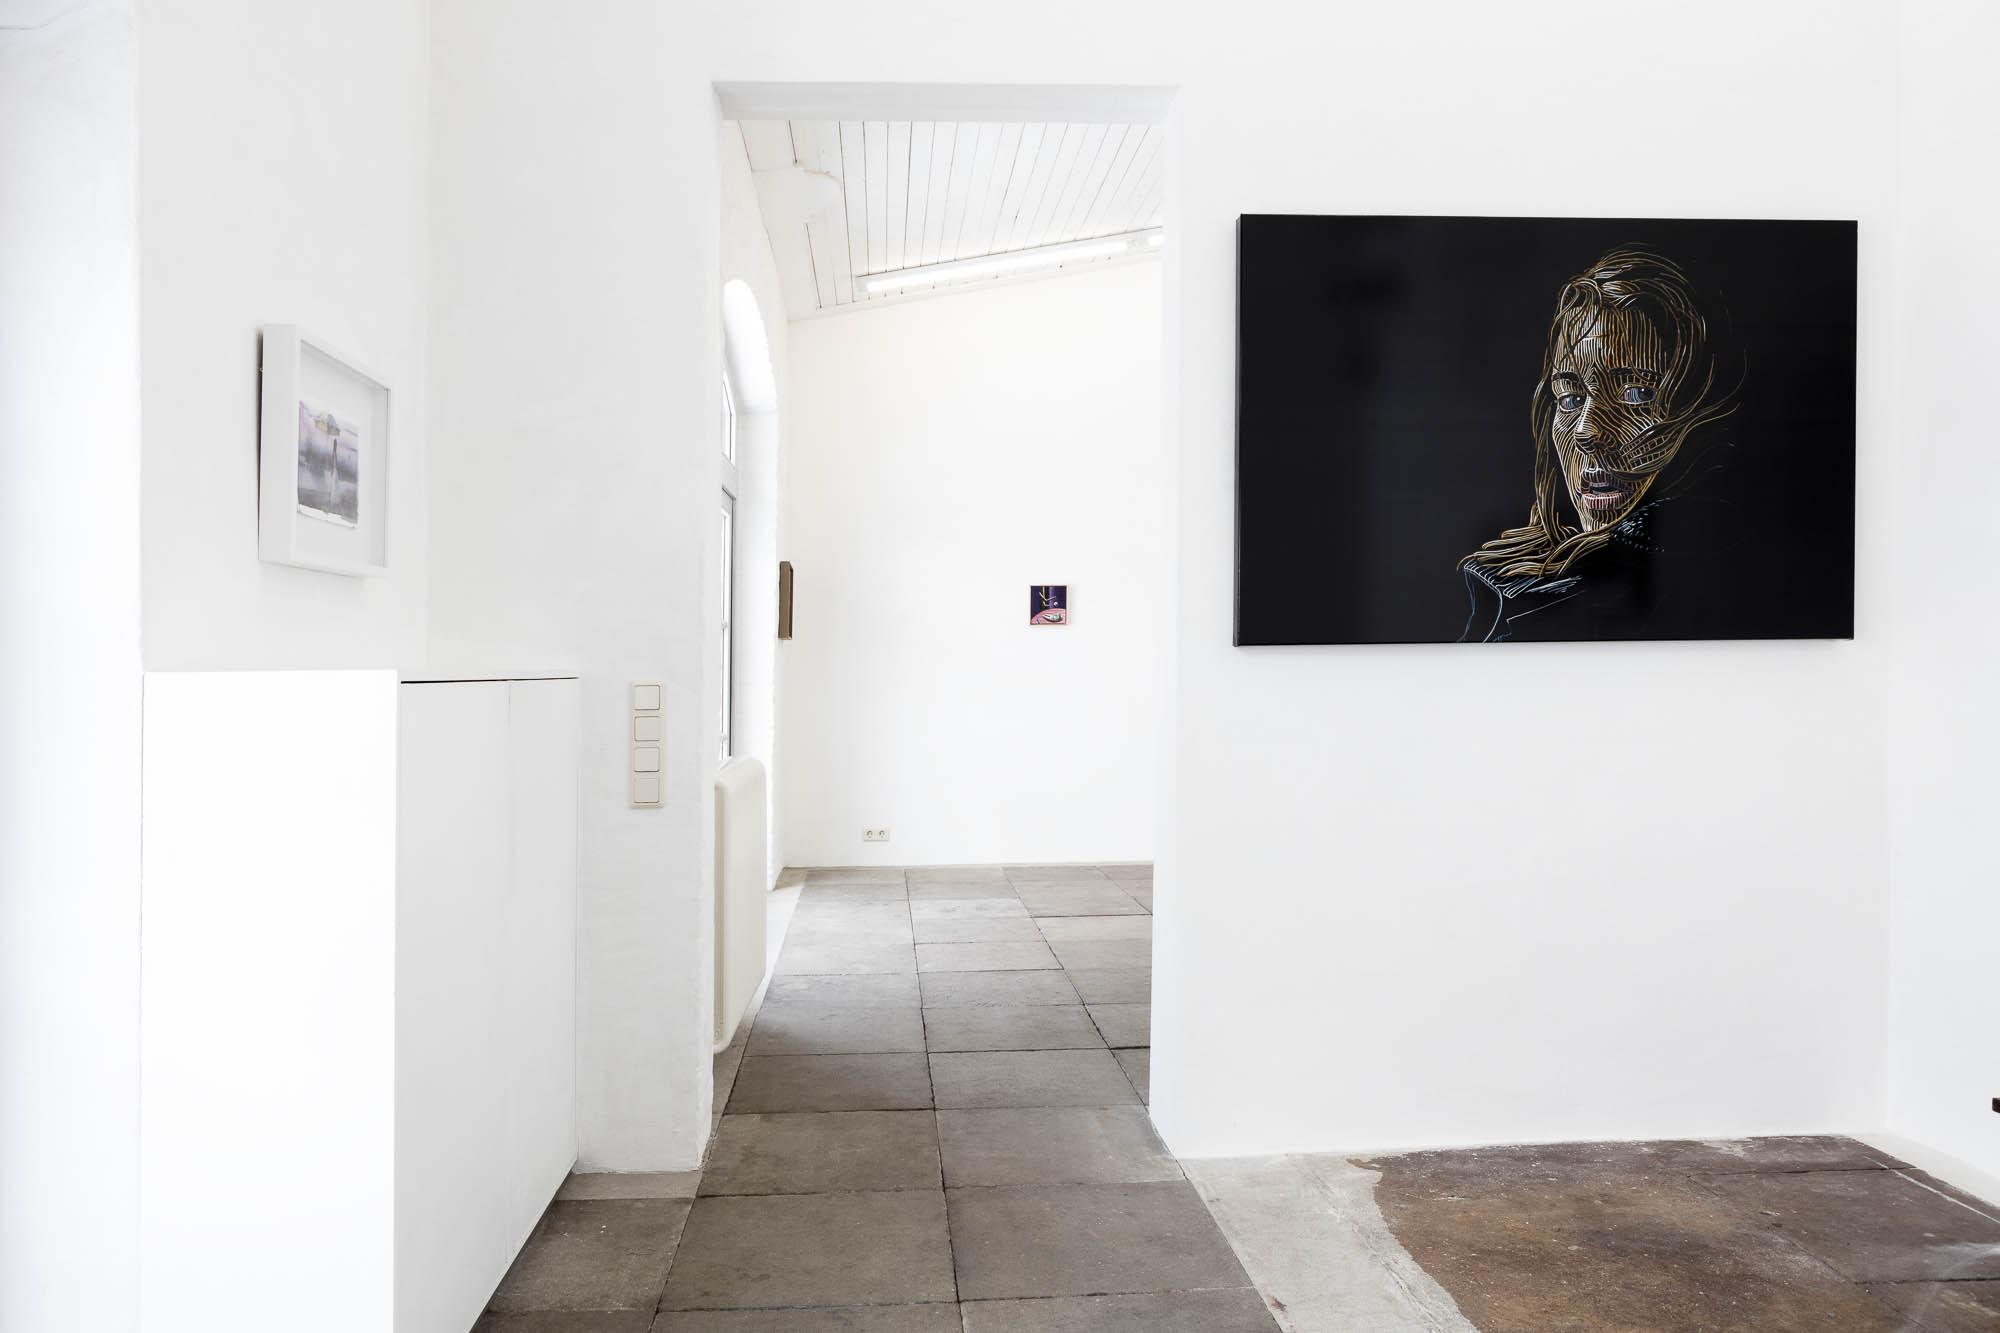 Schwarzer Flamingo, Galerie Hartwich, Rügen, Katharina Arndt, Final Girl #26